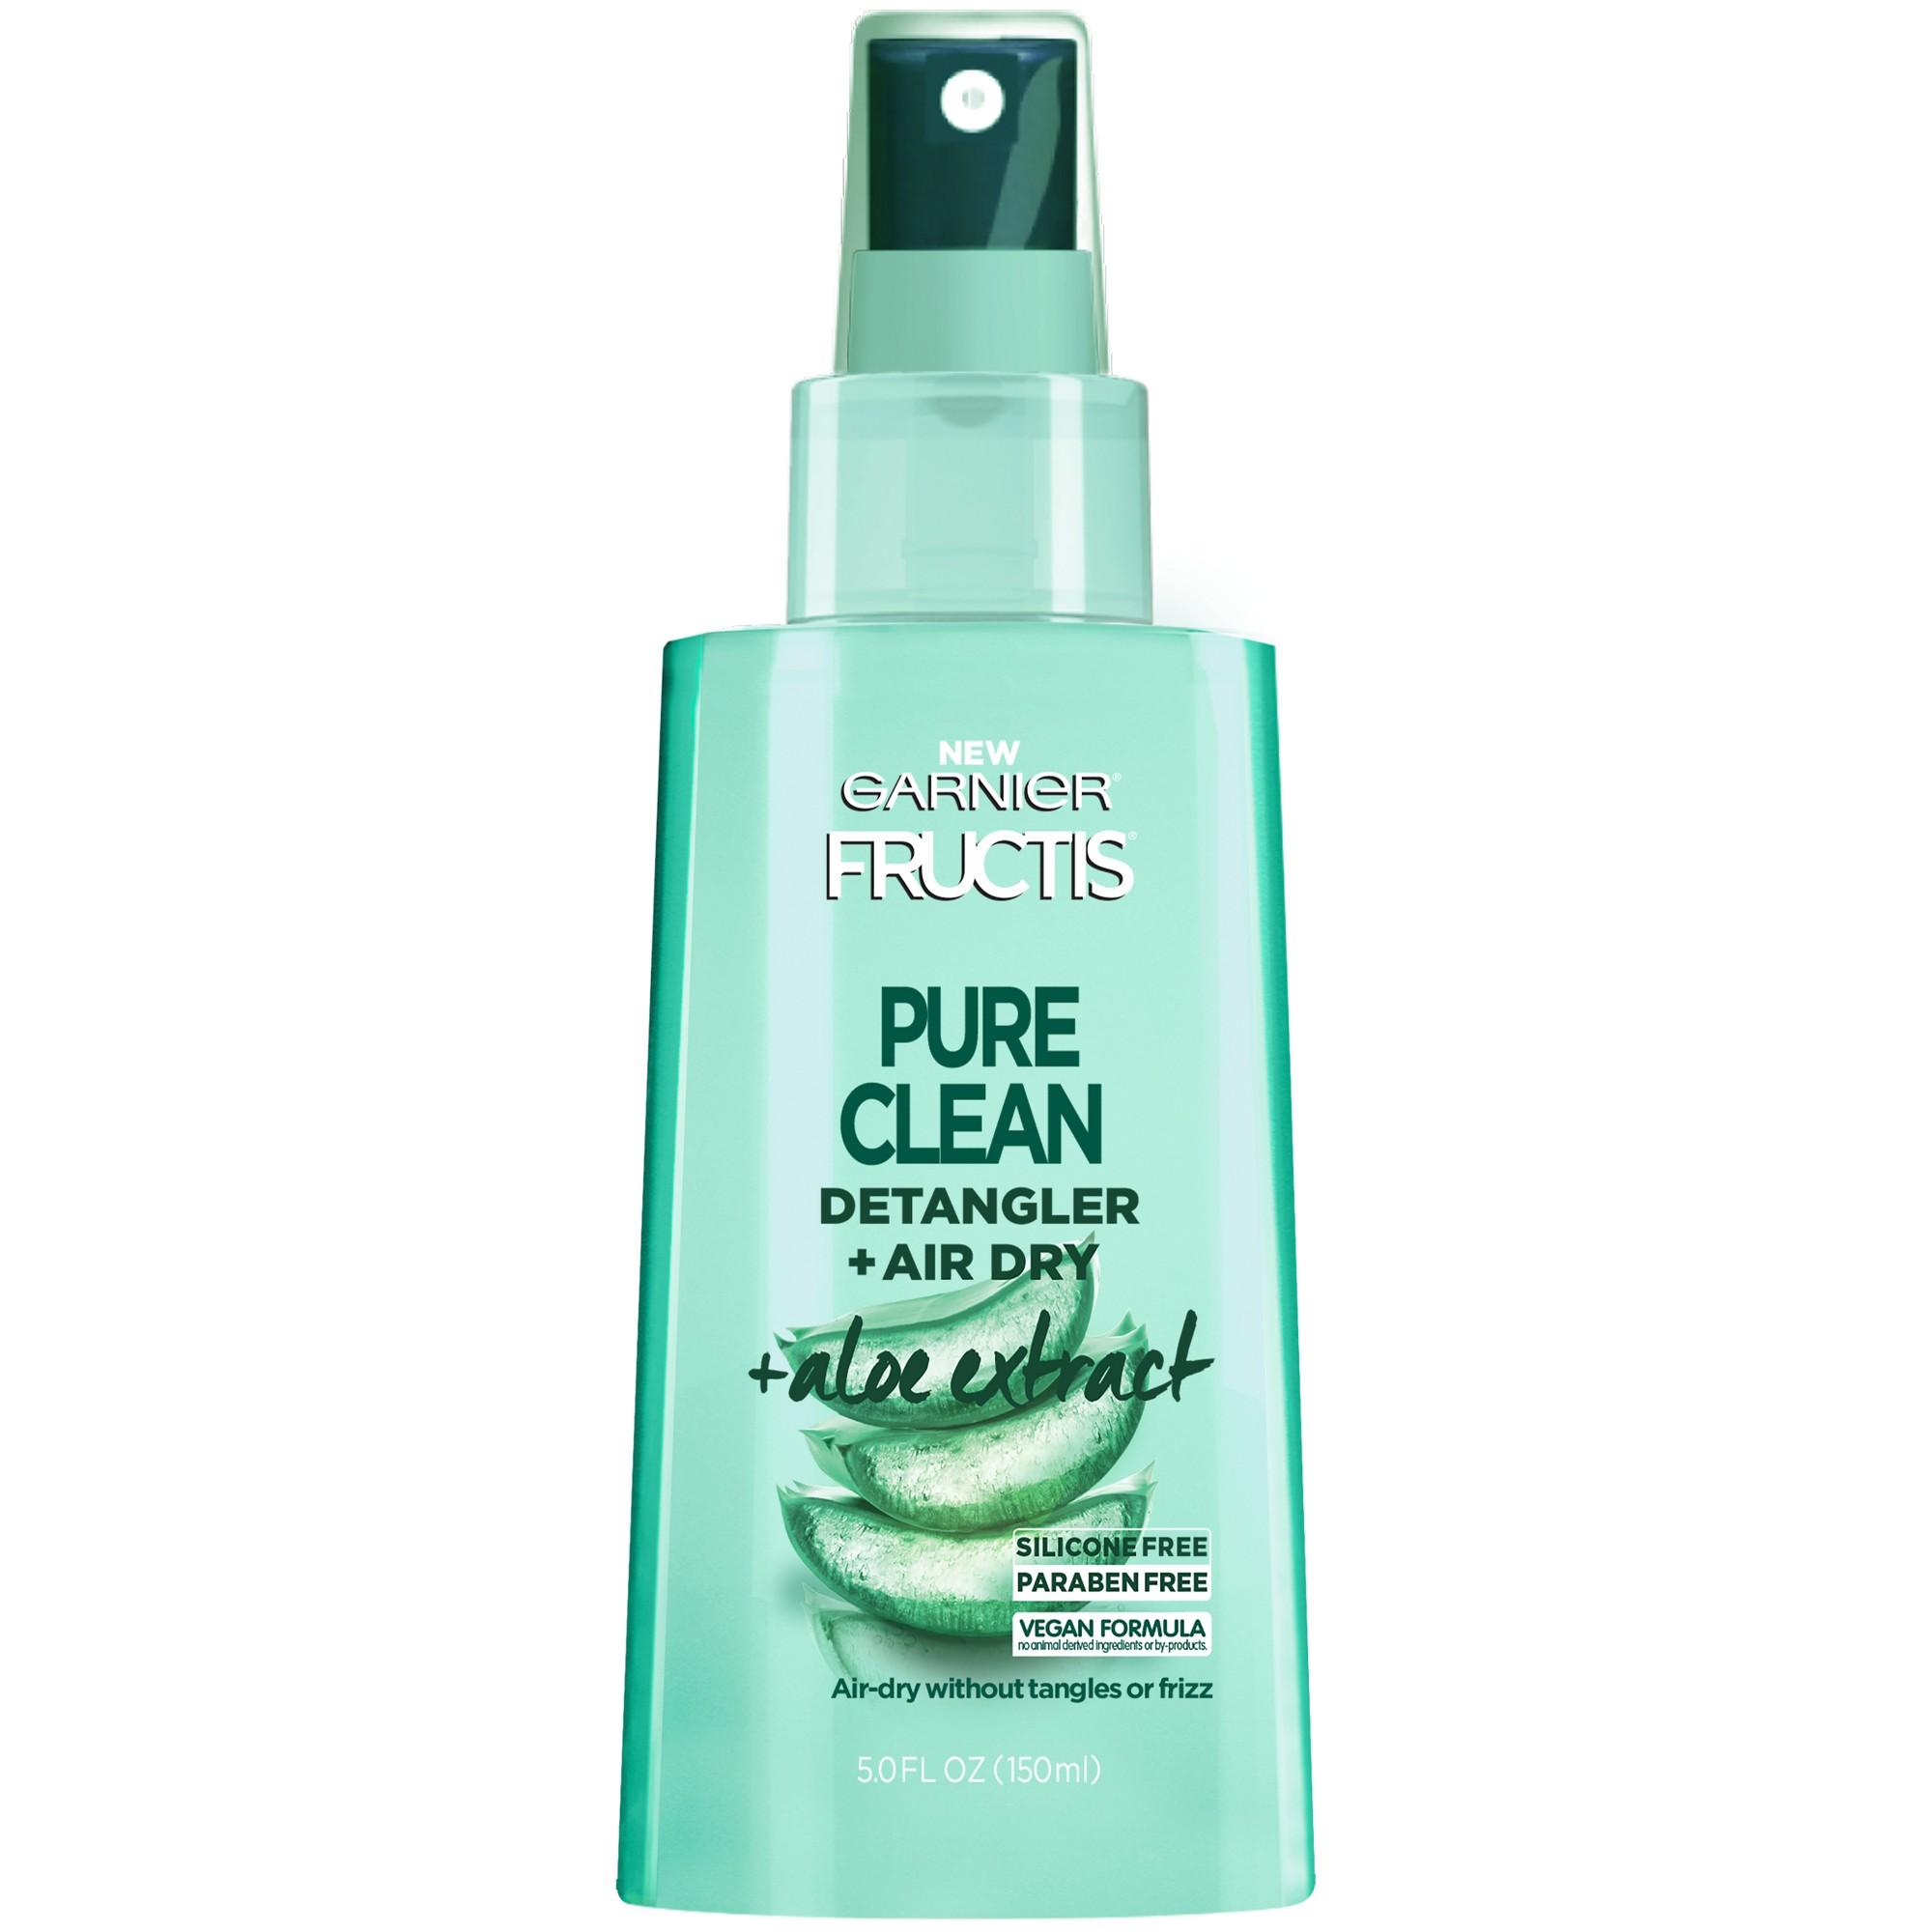 Garnier Fructis Pure Clean Detangler + Air Dry 5.0 fl oz